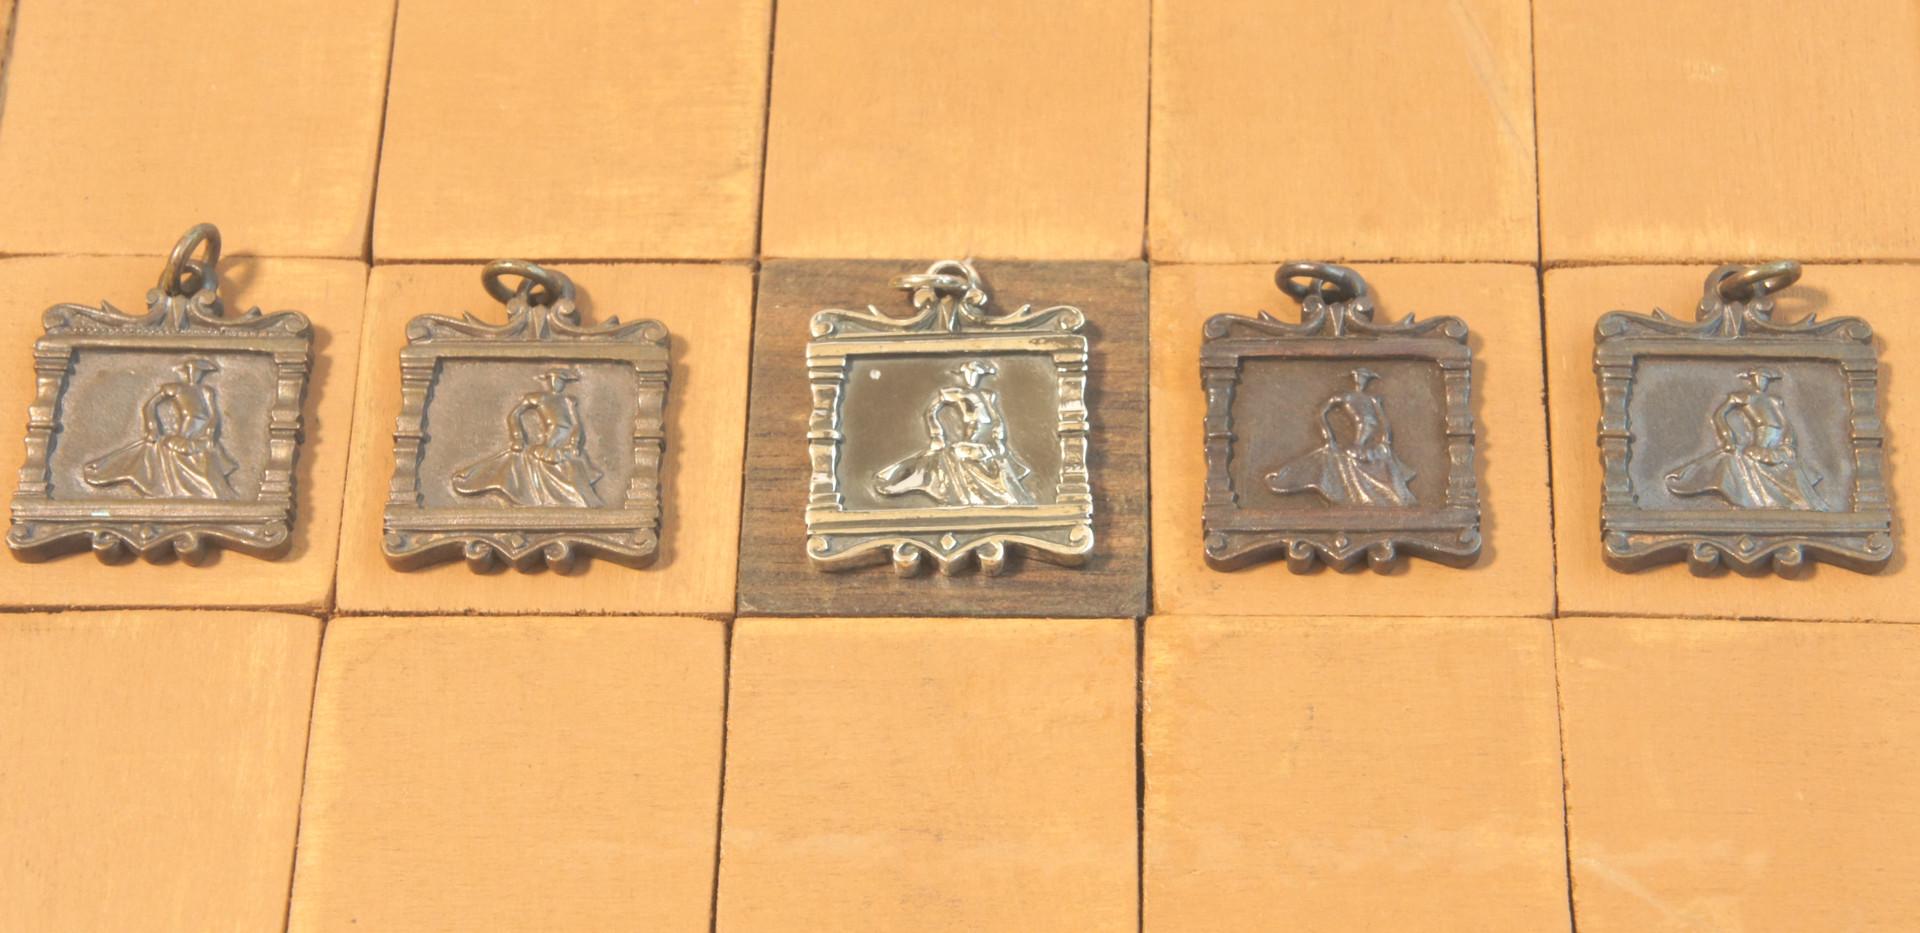 駒は闘牛とマタドールのデザインになっている